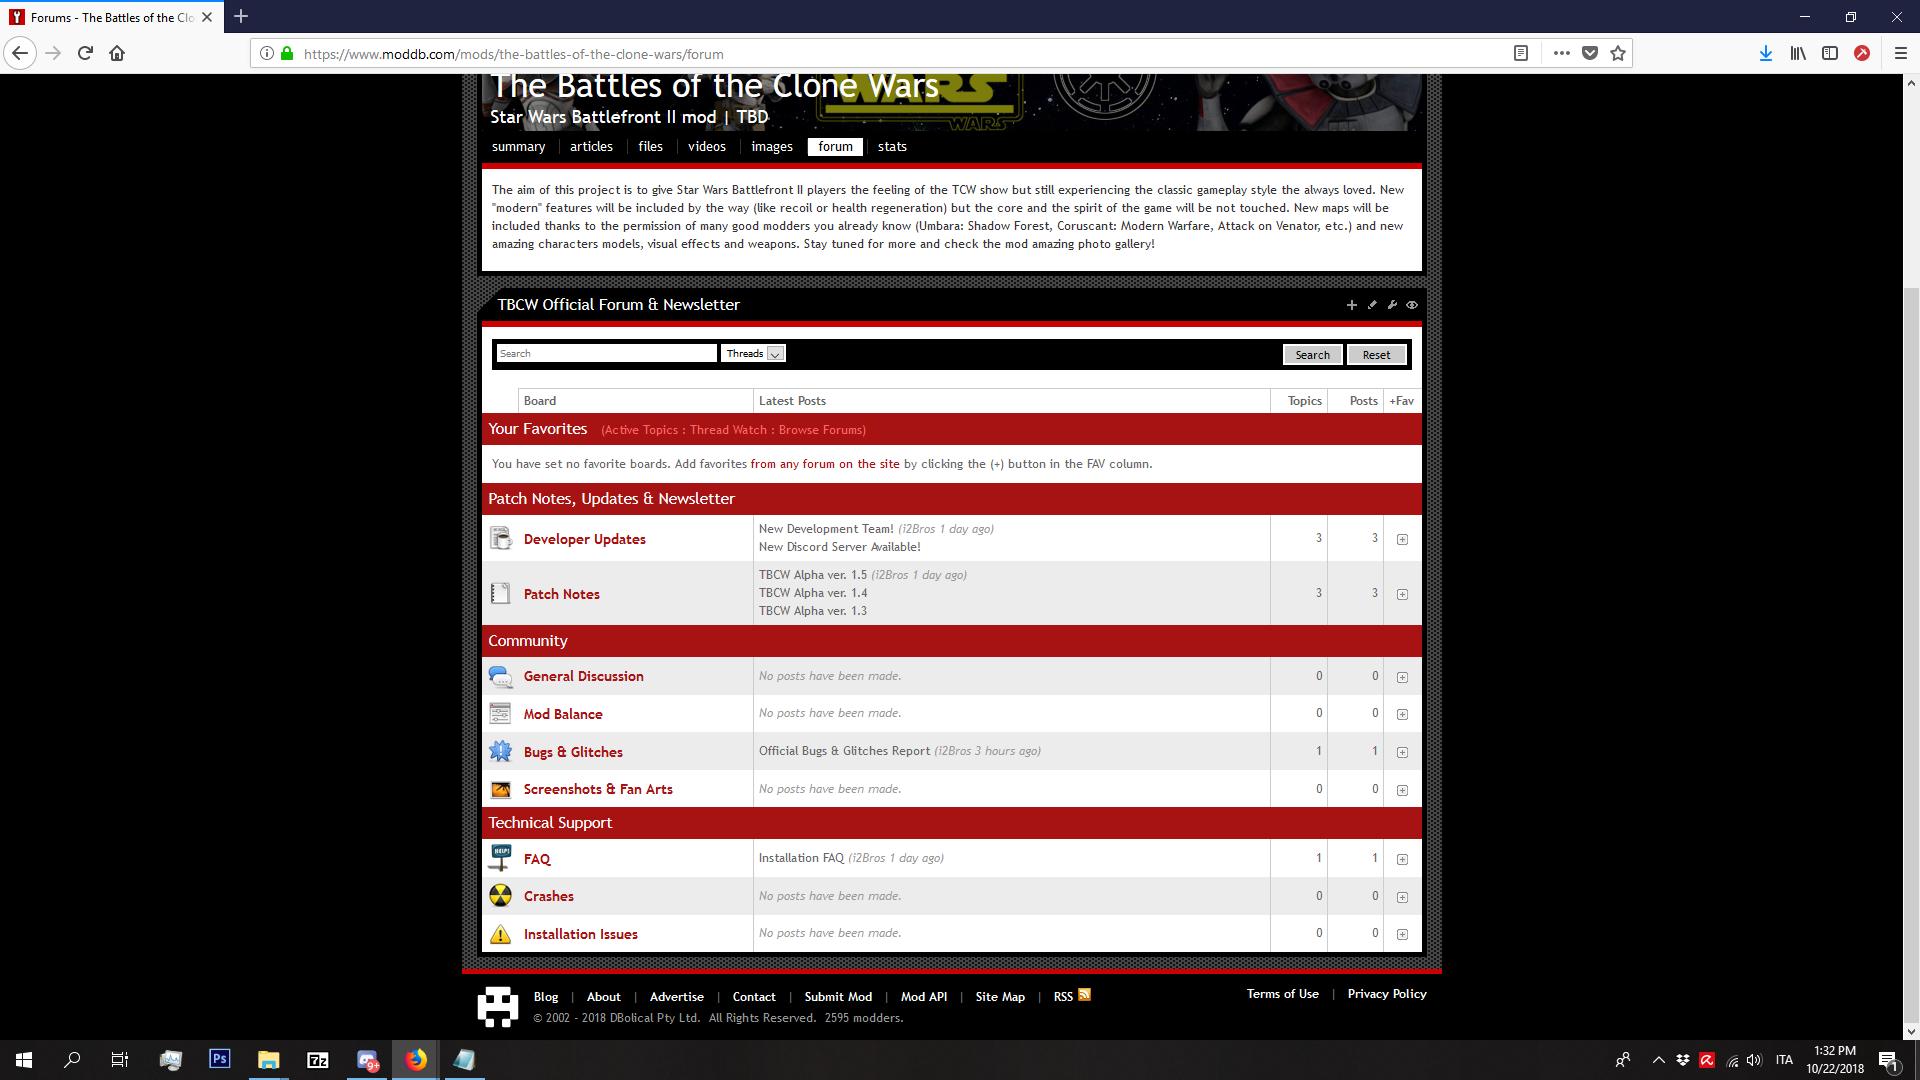 Forums on ModDB